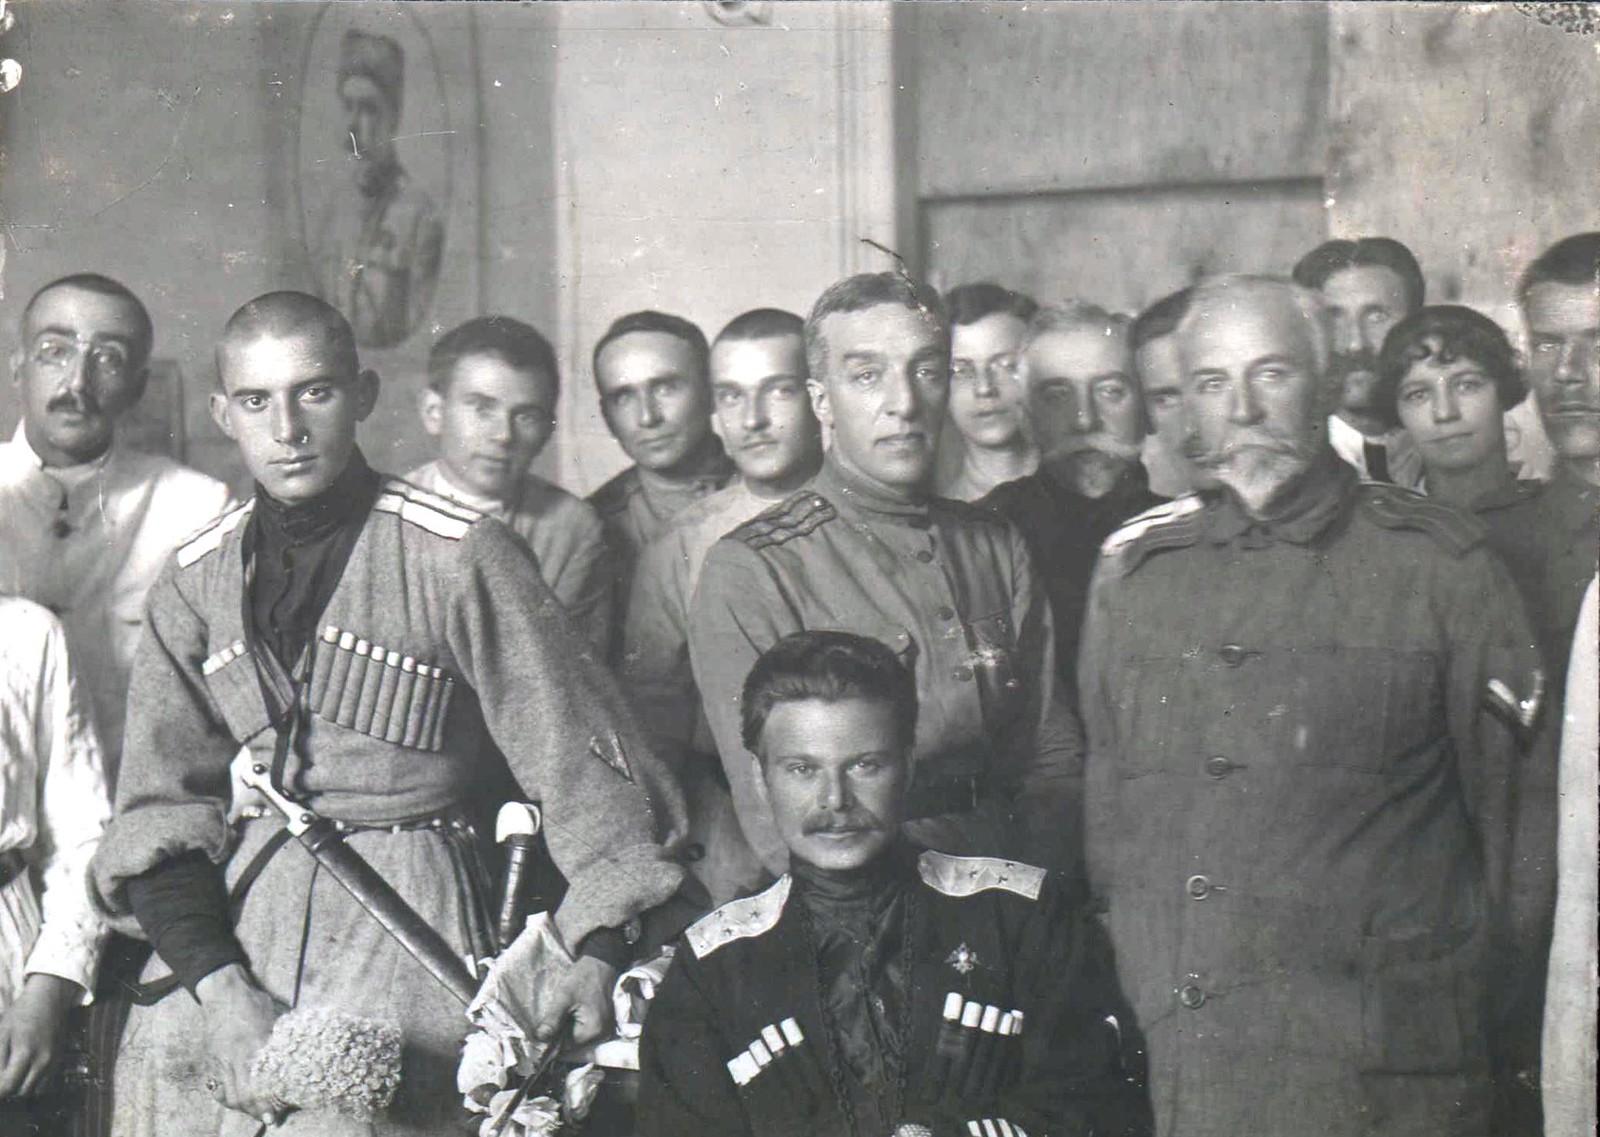 268. 1919. Генерал-лейтенант А.Г. Шкуро (в центре сидит) с группой офицеров корпуса